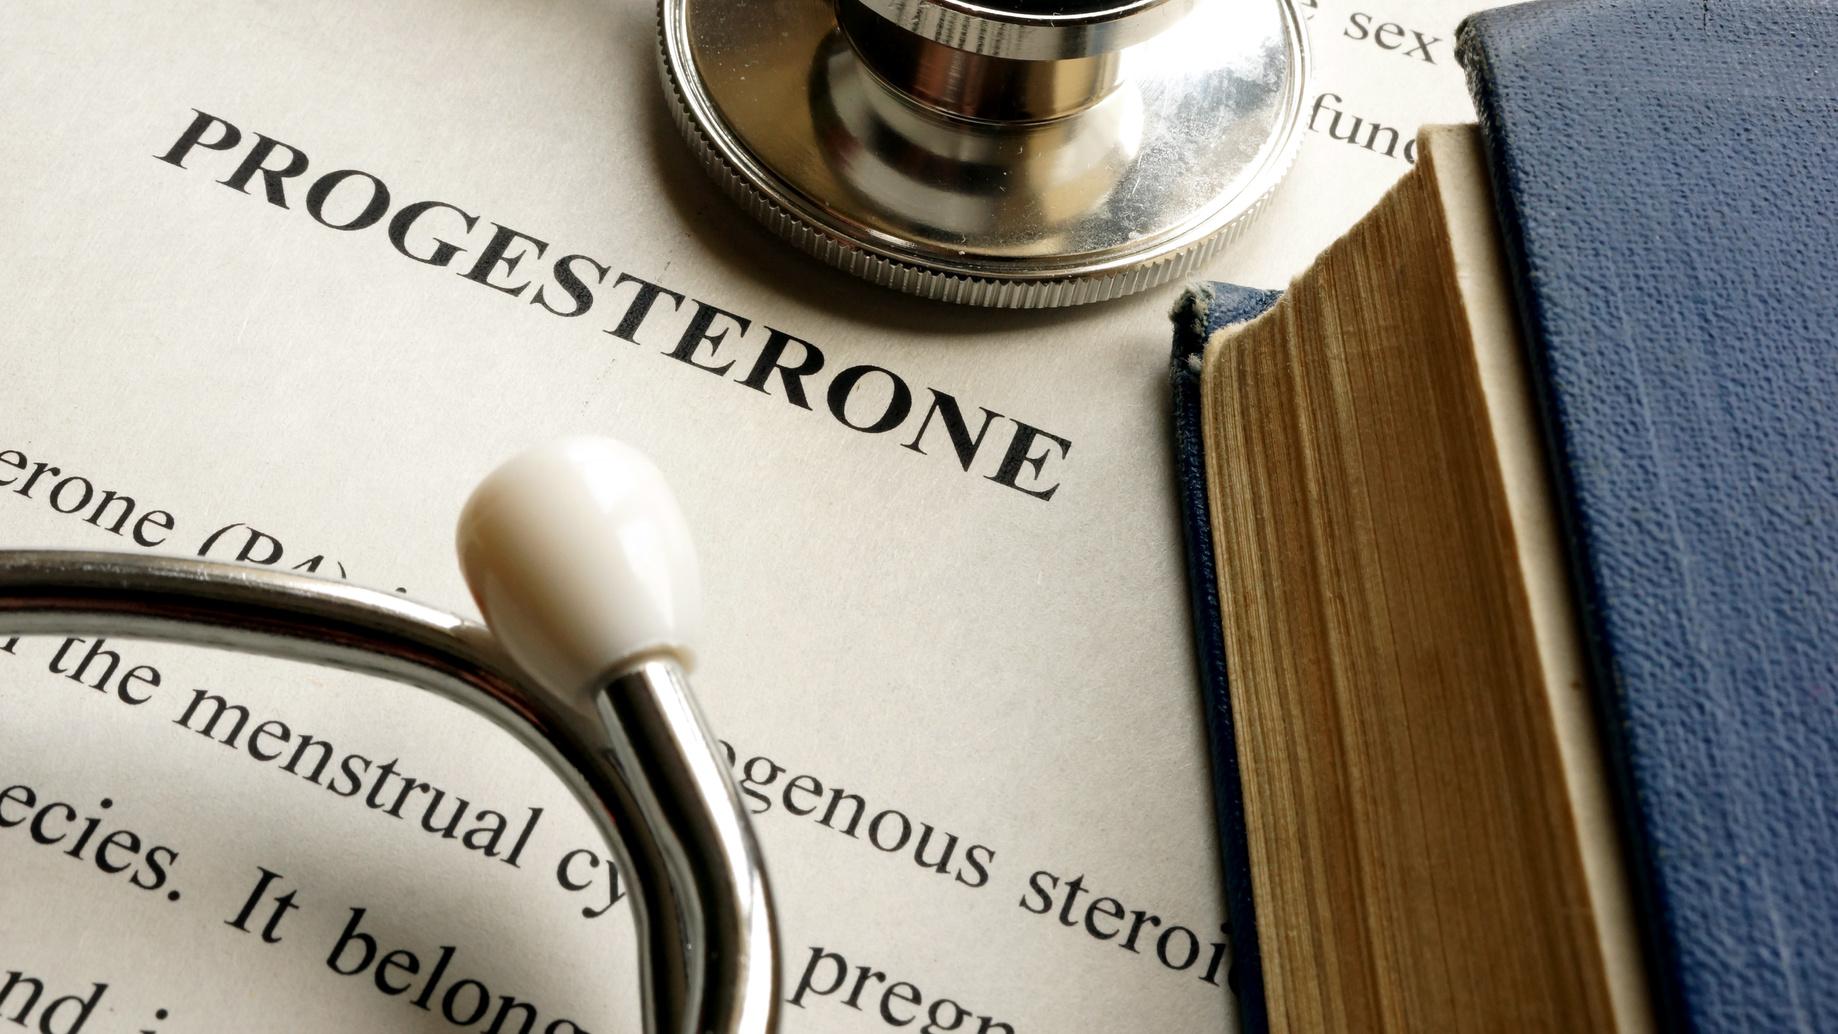 Progesteron In Der Schwangerschaft Einnehmen